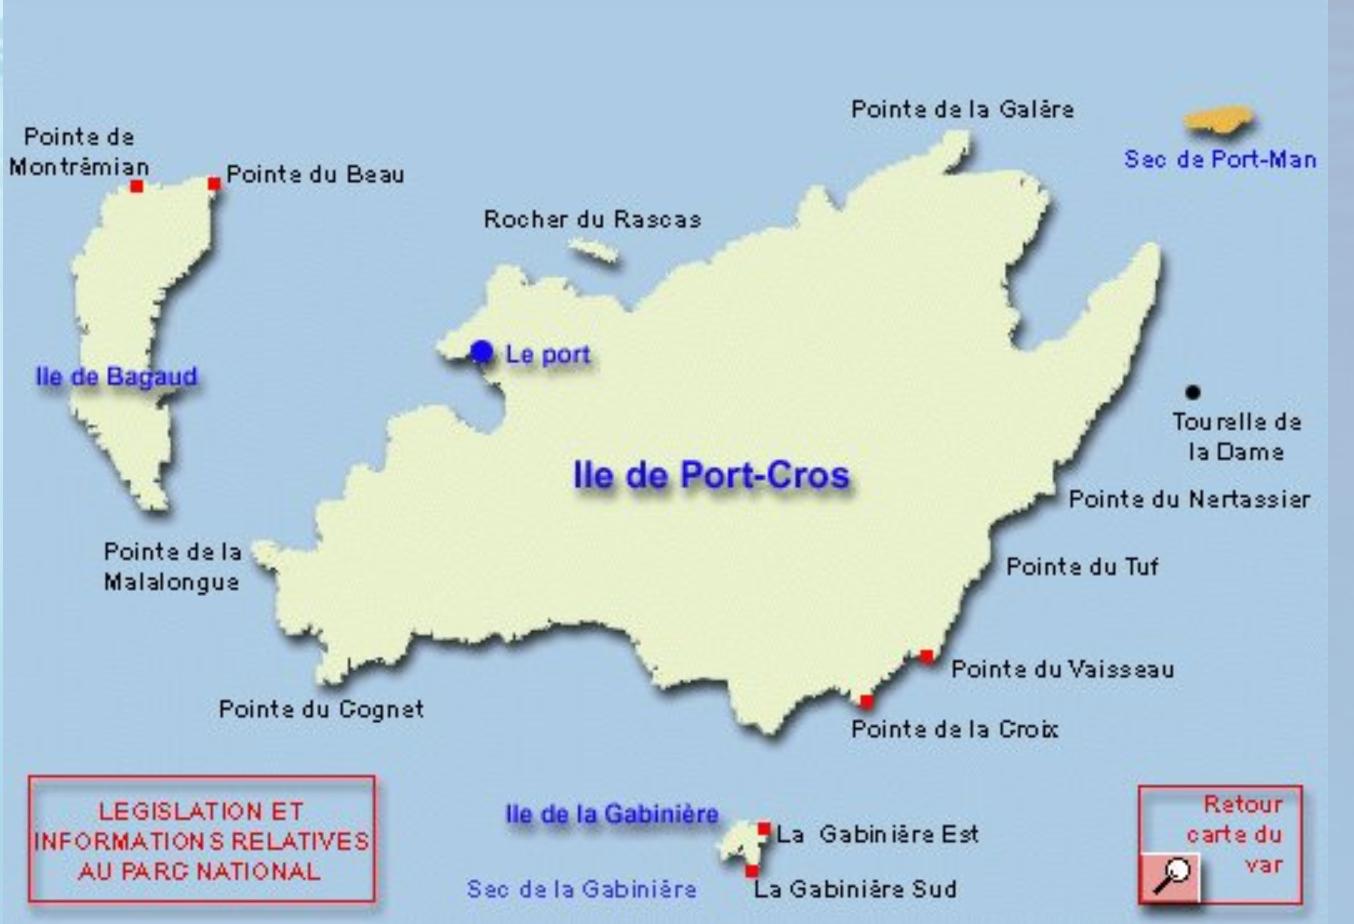 2016-02-21 13_38_40-Aqualonde Plongée - La Londe les Maures Var (83) - Les roches - L'ile de Port-Cr